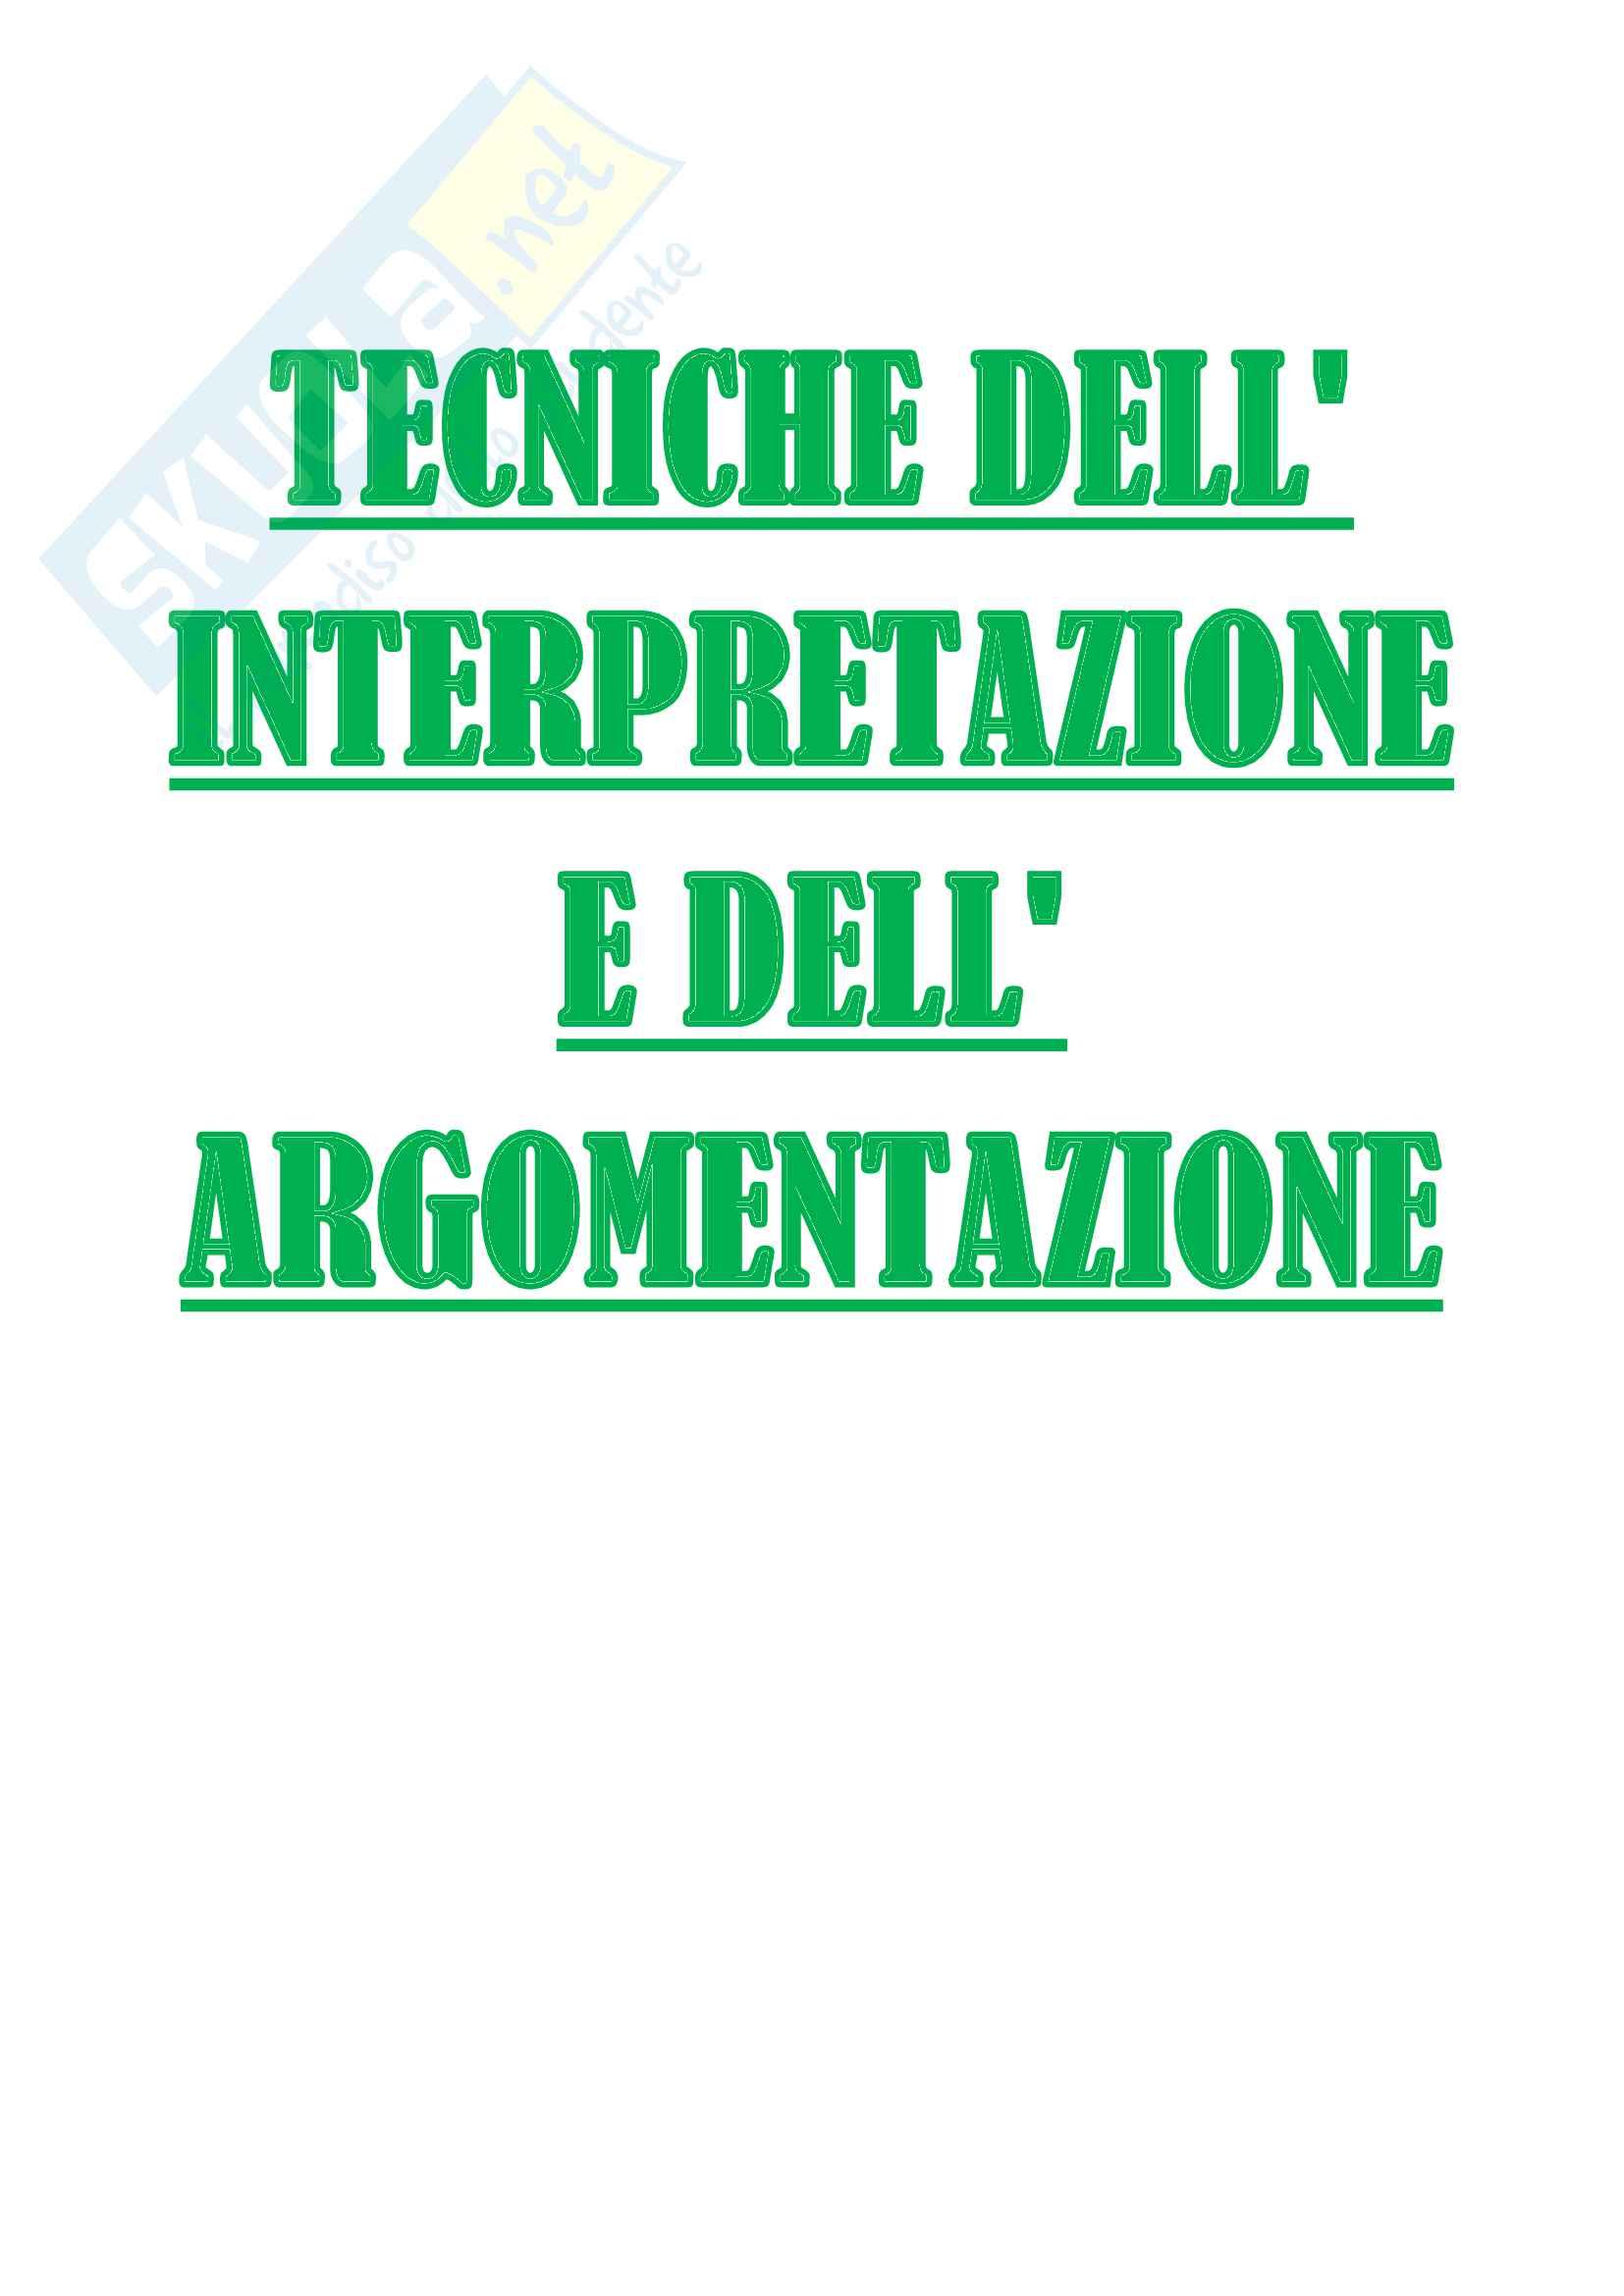 Appunti completi lezioni del Prof. Ratti di Tecniche dell'interpretazione e dell'argomentazione